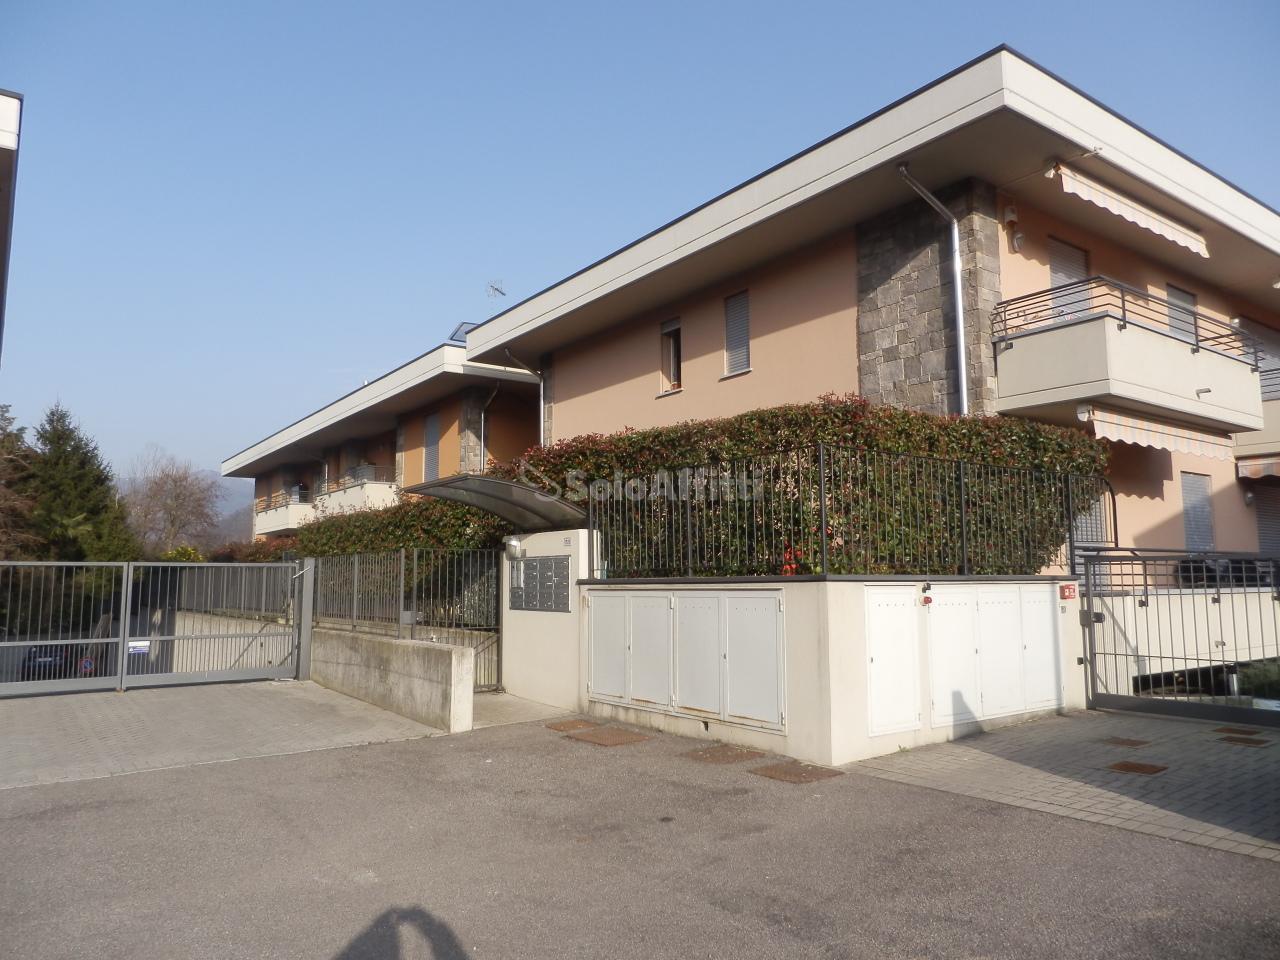 Appartamento in affitto a Uggiate-Trevano, 2 locali, prezzo € 680   PortaleAgenzieImmobiliari.it